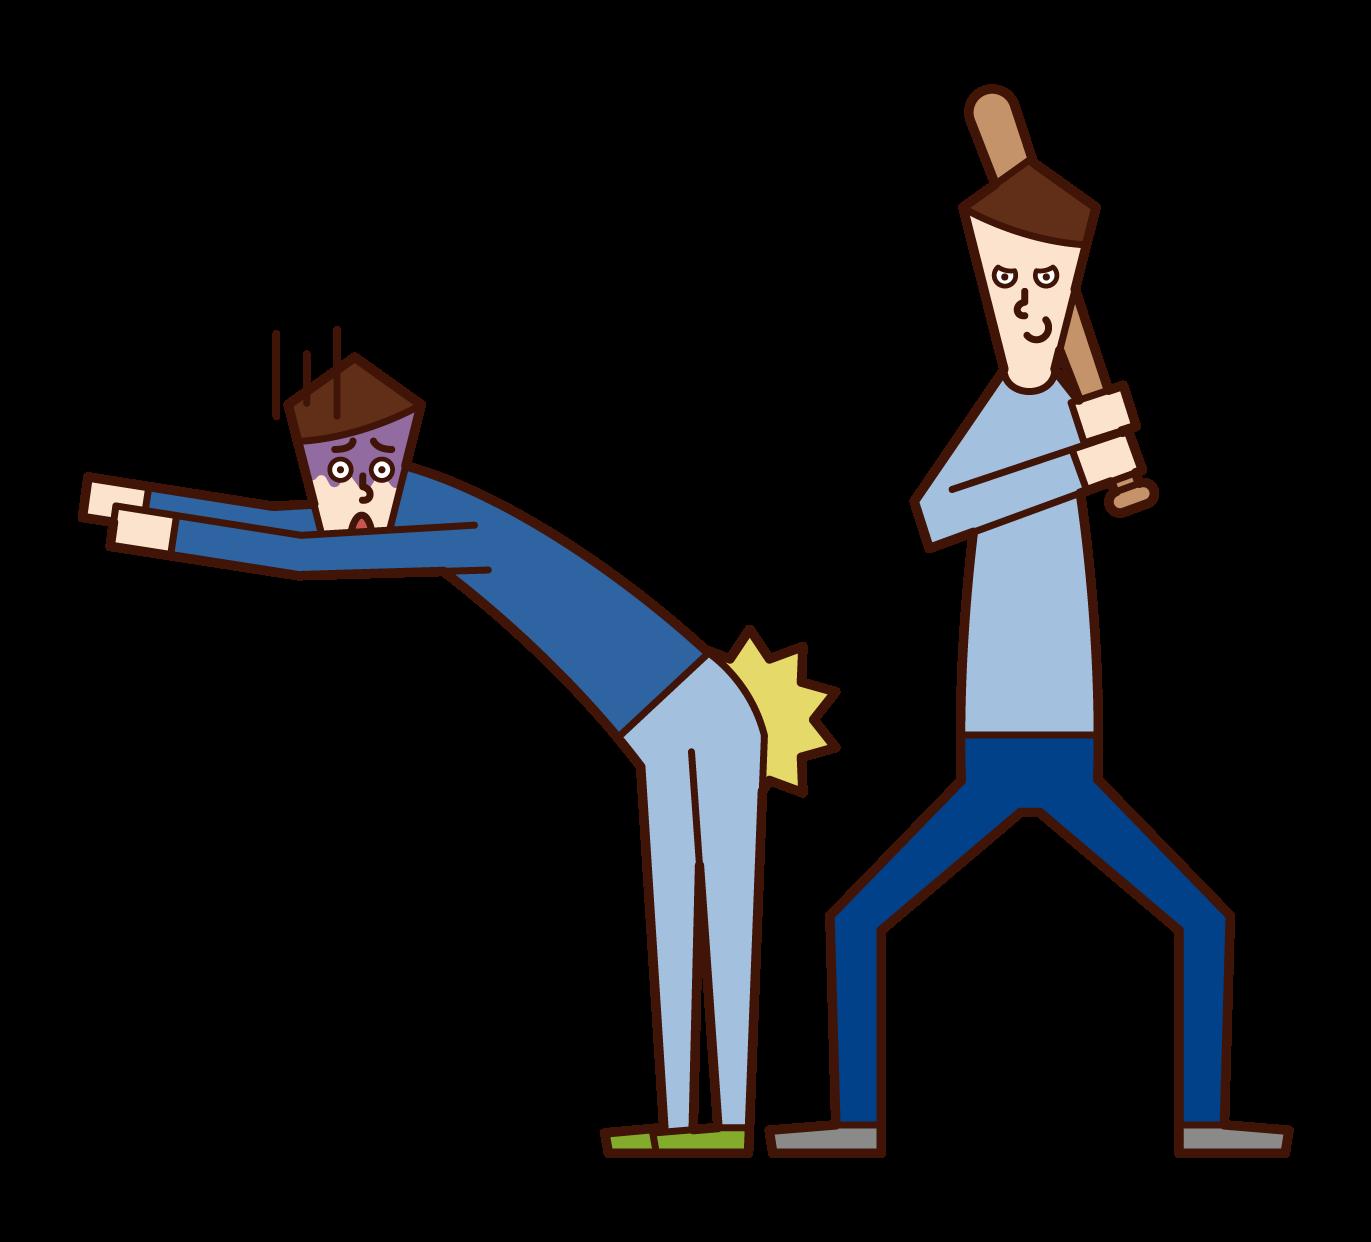 友達に体罰を与える人(男性)のイラスト